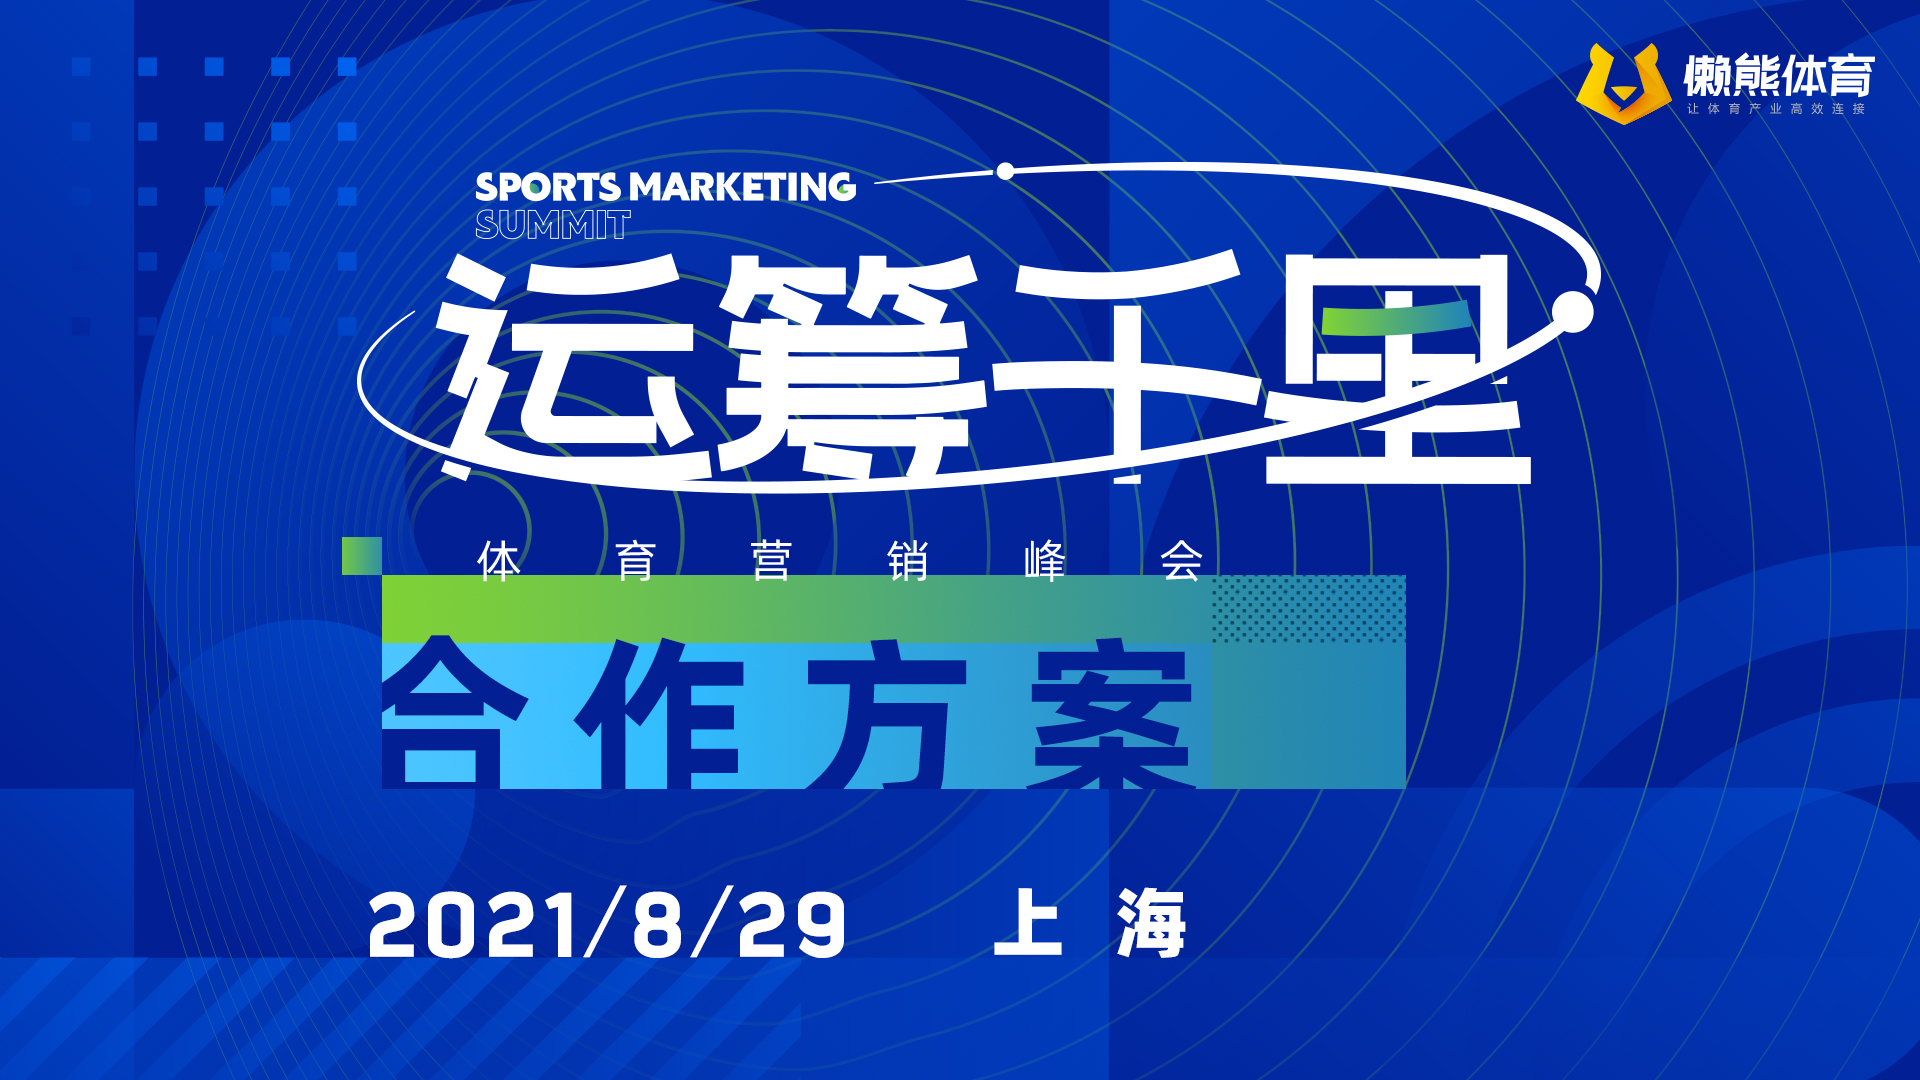 倒数一个月,7大主题2大奖项1份榜单,体育营销峰会日程出炉